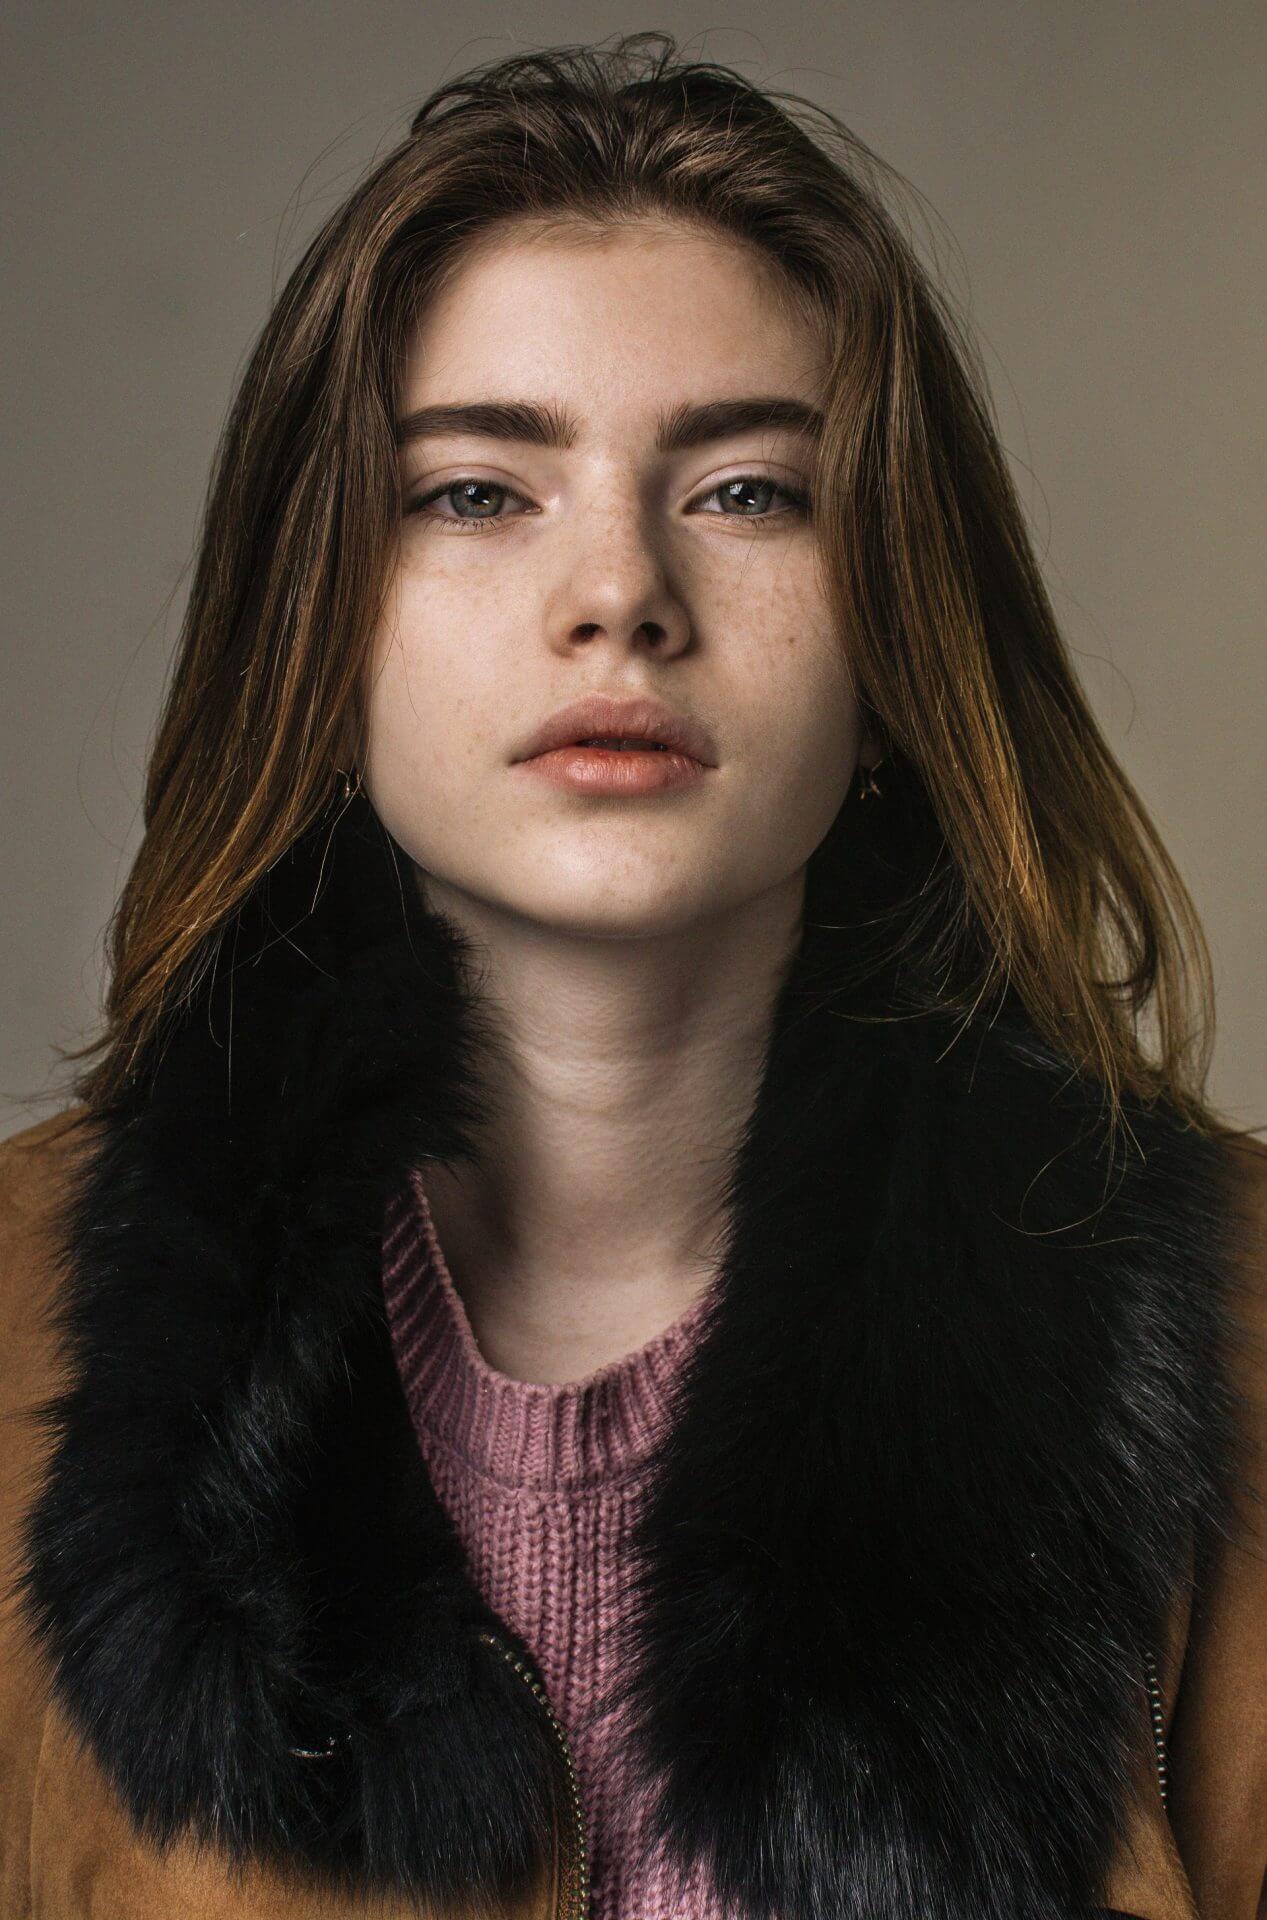 Portrait of a woman wearing fur jacket